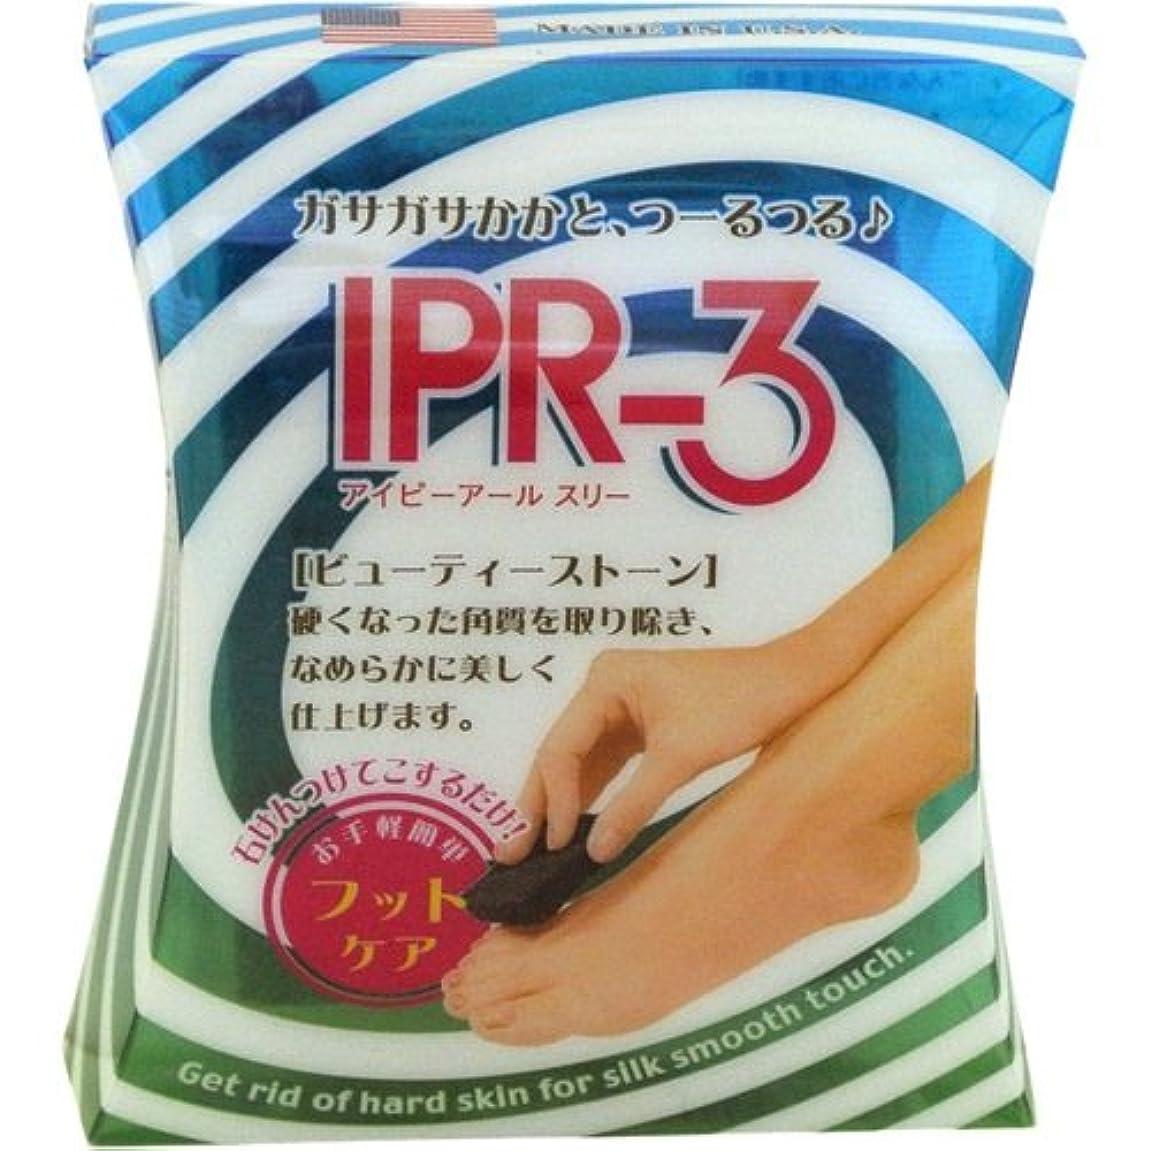 処分した天才崩壊IPR-3(アイピーアールスリー) ビューティーストーン